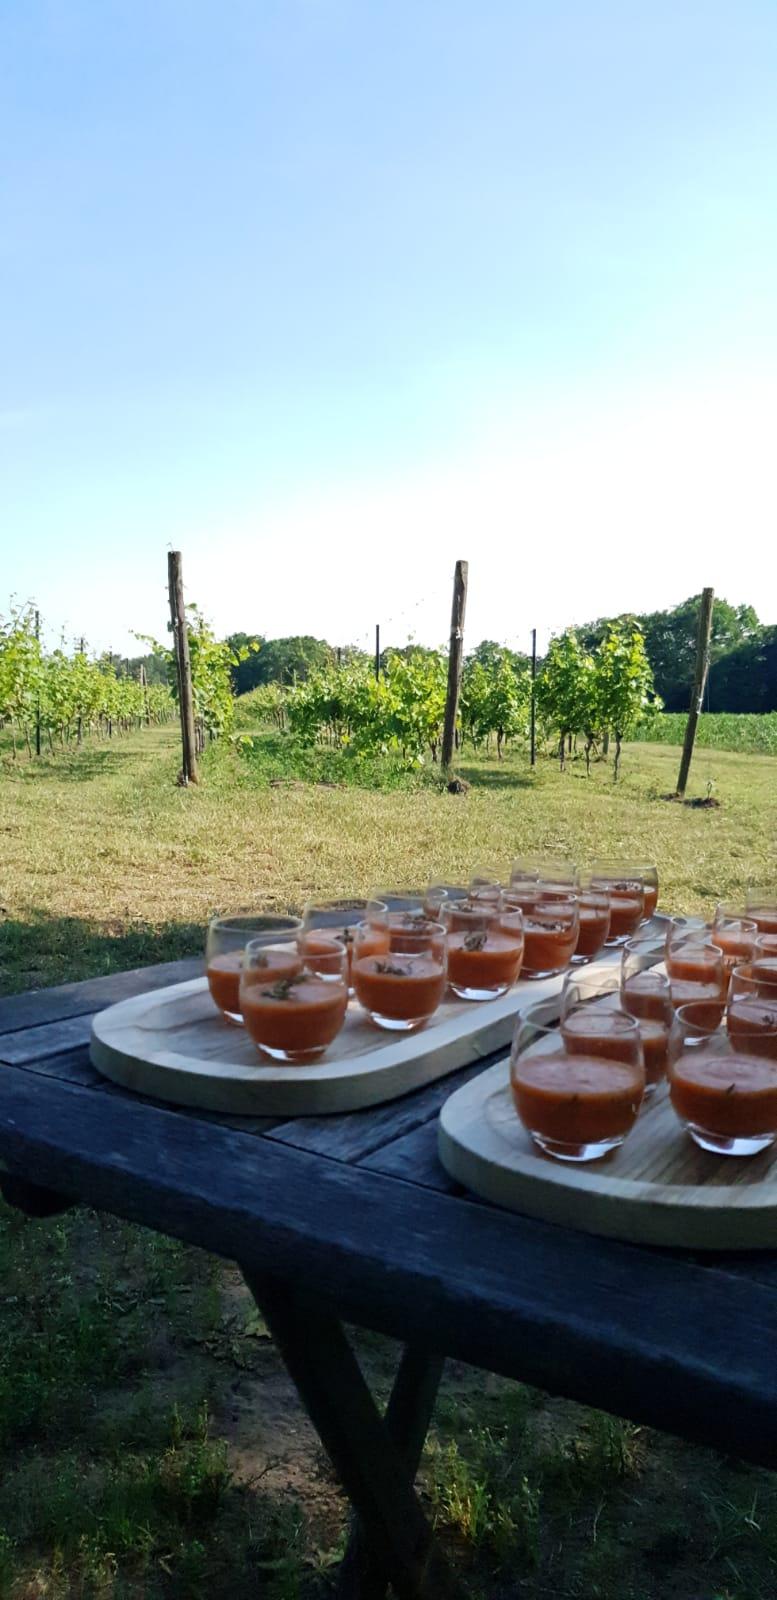 Wijngaard Hof van Twente - Boenders Catering - Locaties - Wijngaarddiner - Amuse